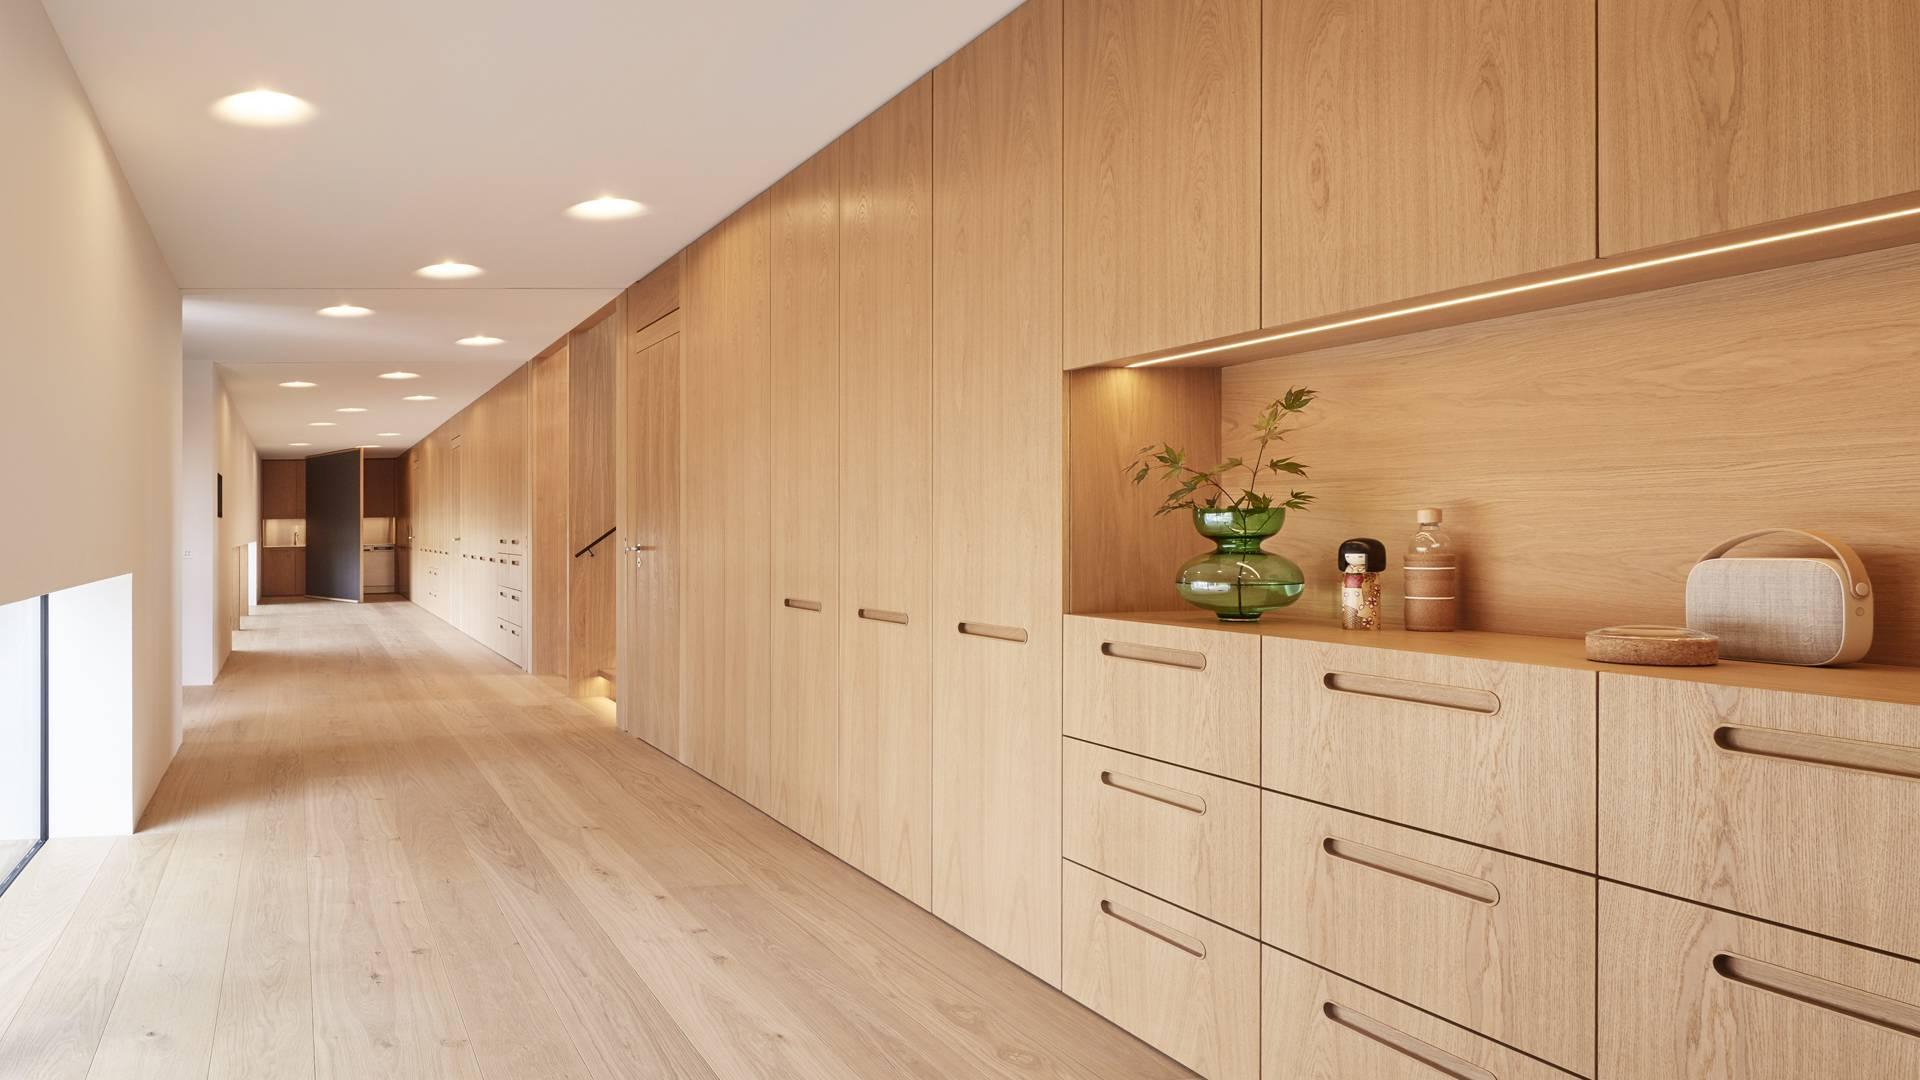 Baufritz Konzepthaus Haussicht Schrankwand